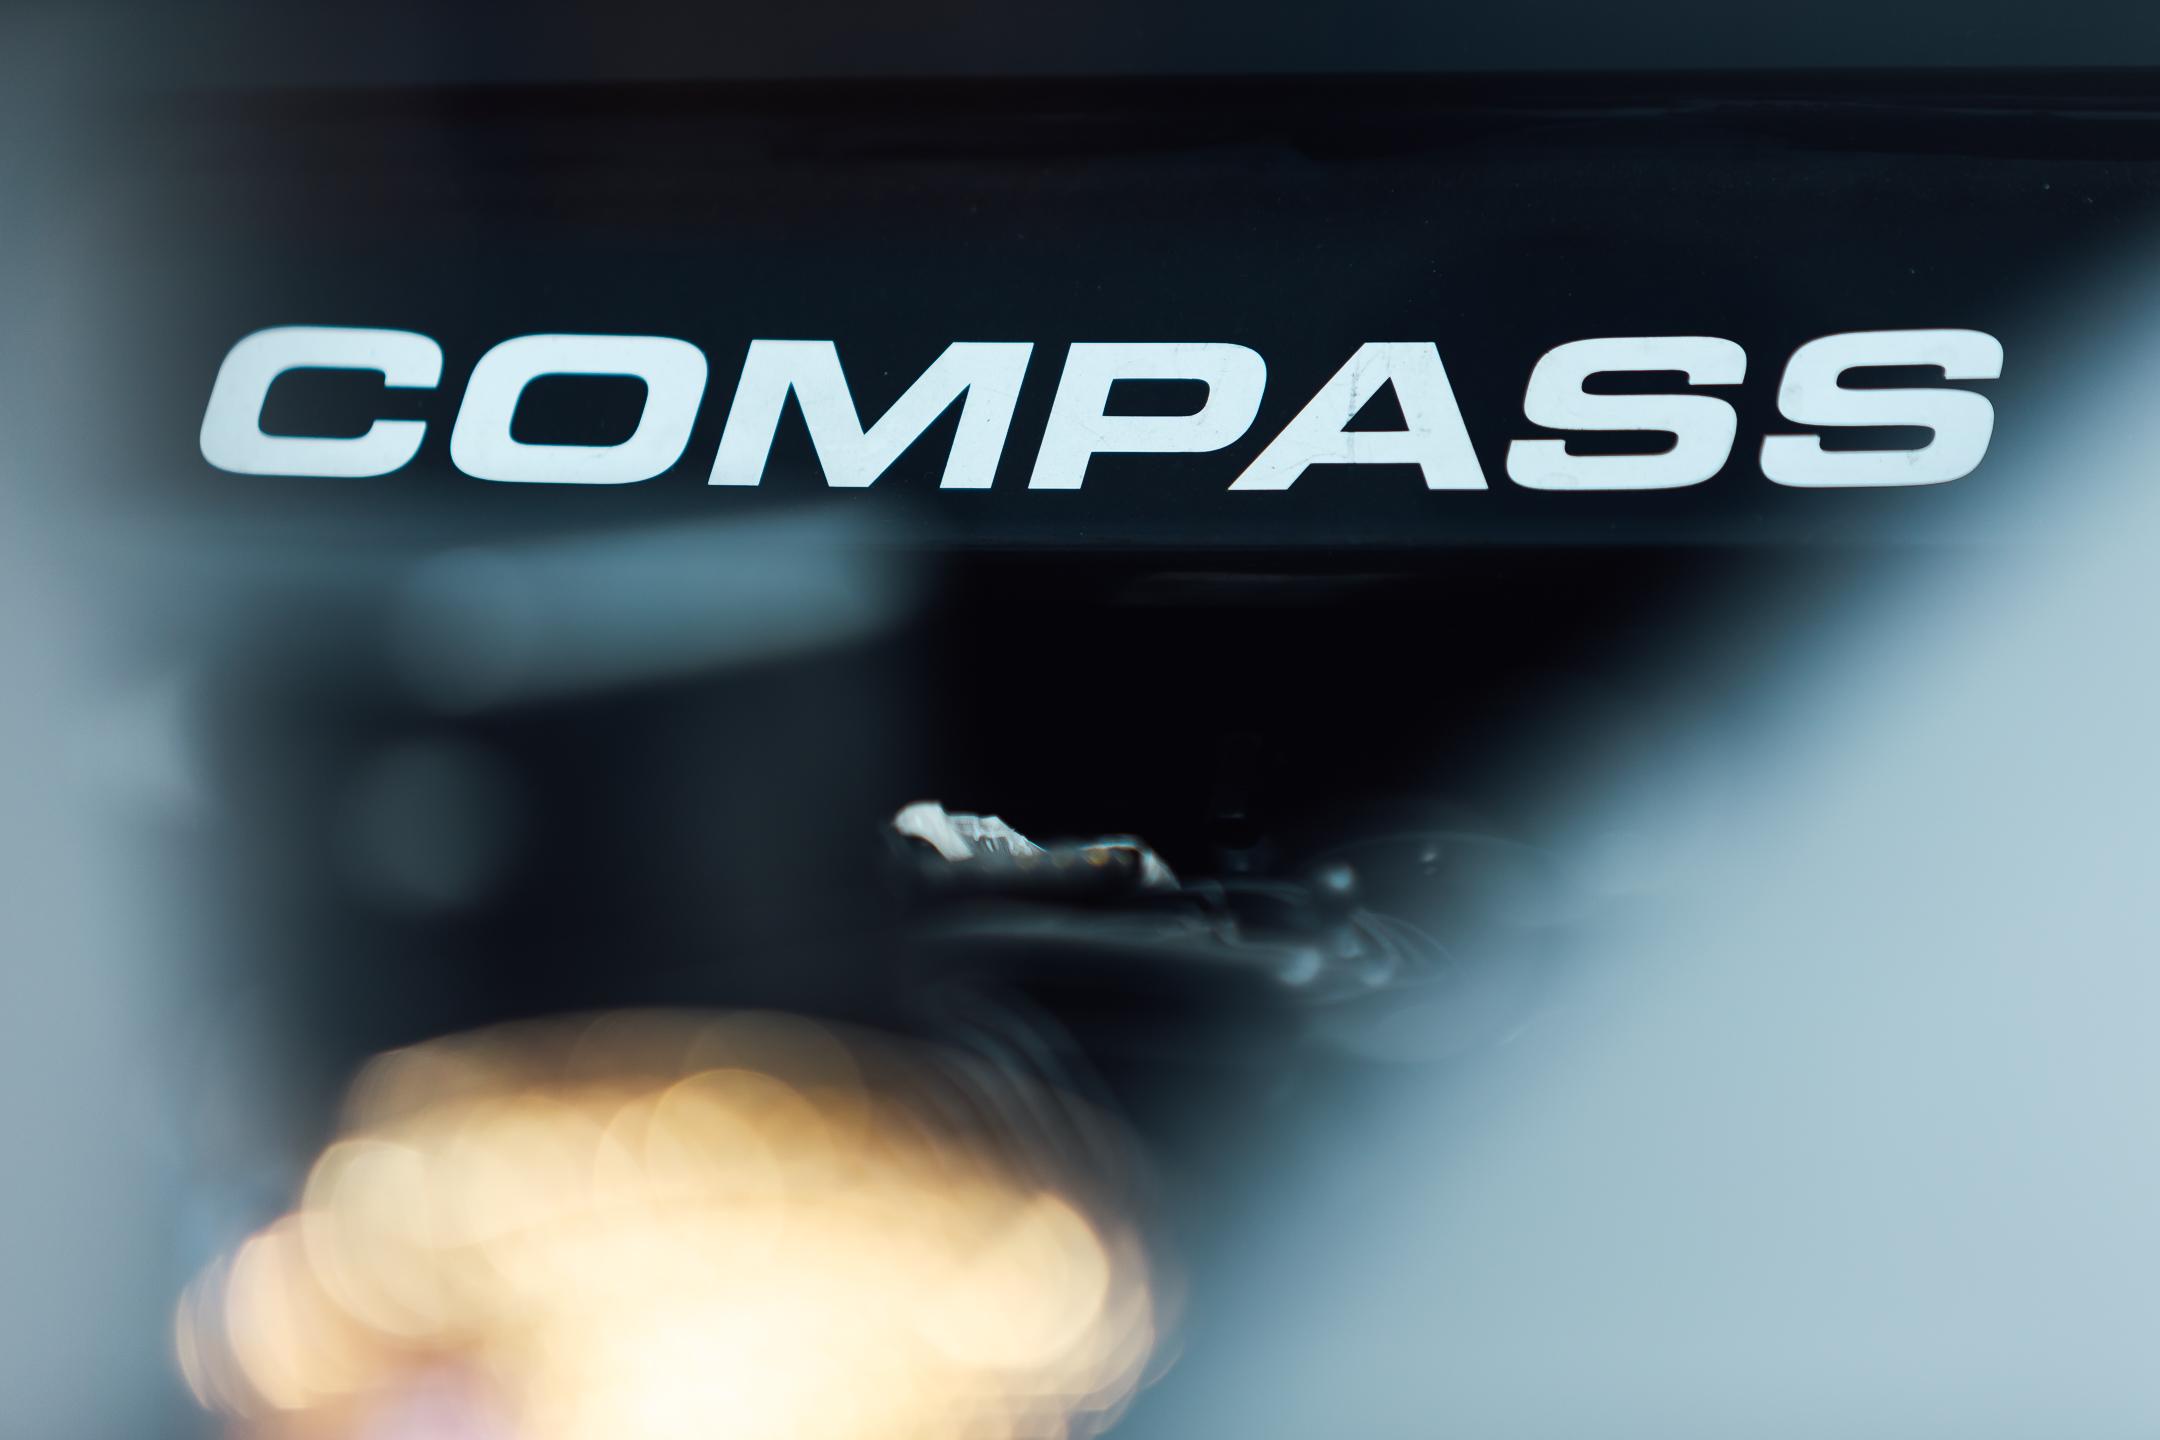 McLaren 720S GT3 - Compass Racing-8098.jpg